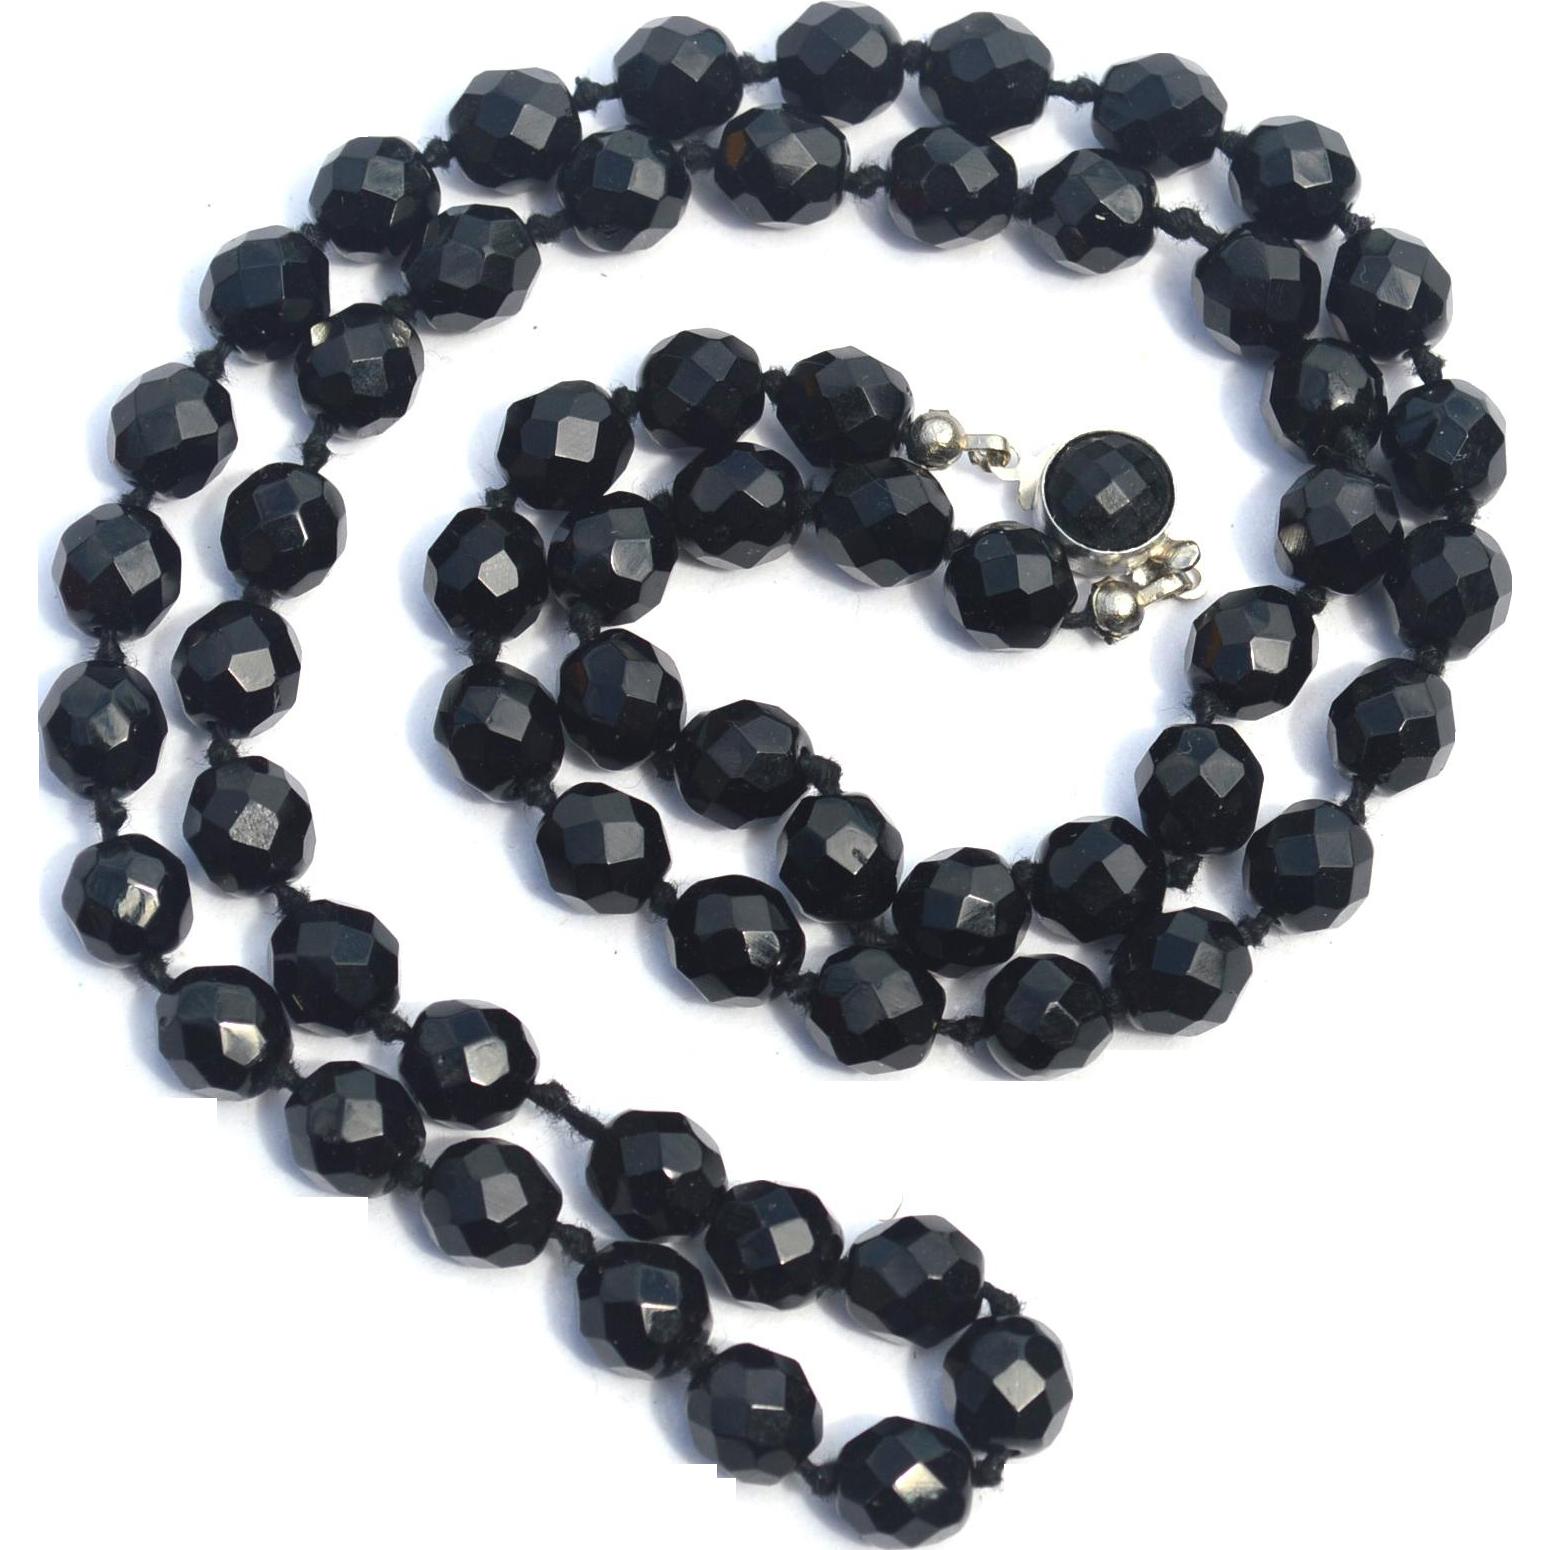 Vintage Signed AUSTRIA Black Crystal Necklace